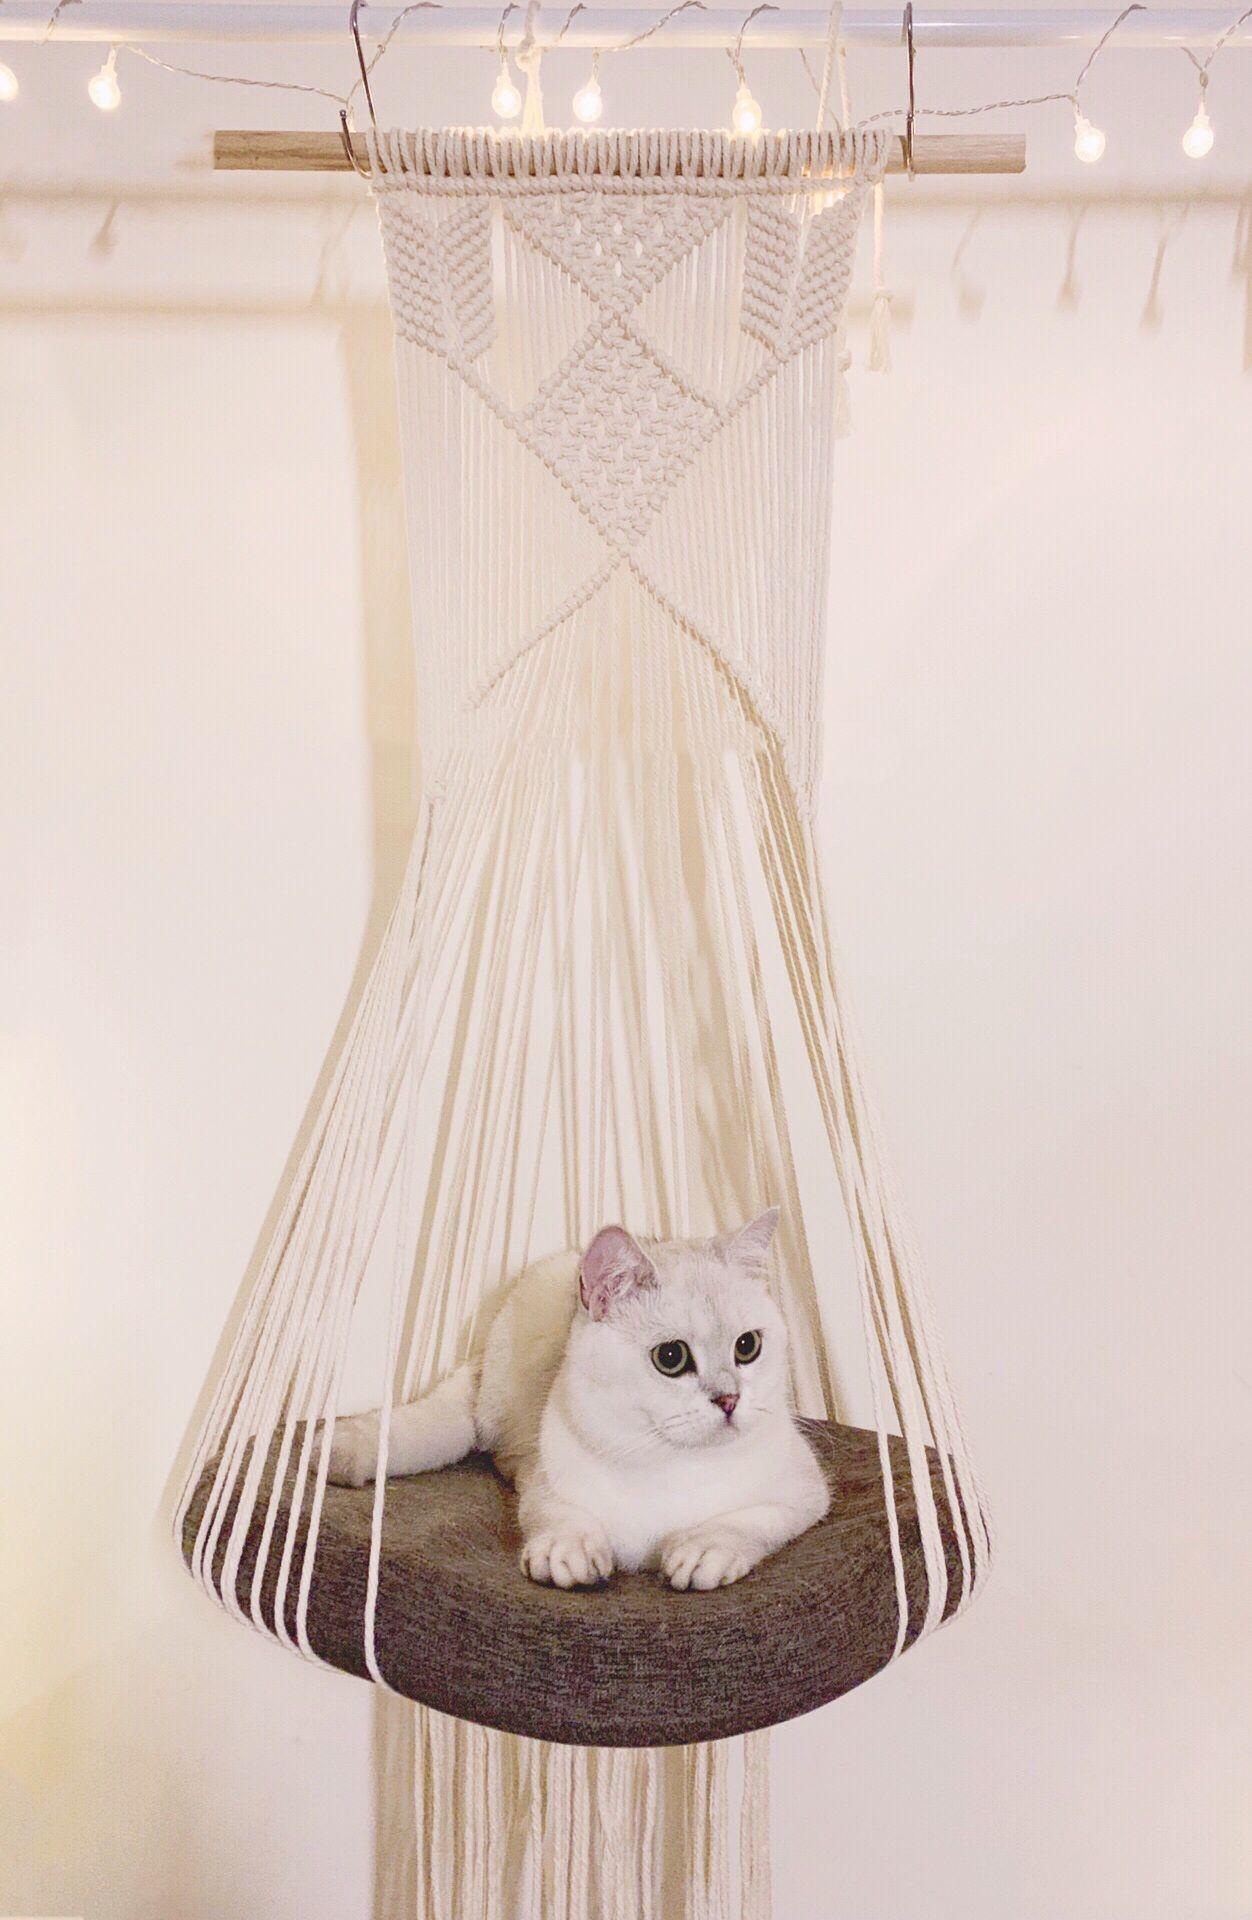 Hanging Macrame Cat Hammock Macrame Cat Swing Superior Etsy In 2020 Cat Hammock Pet Hammock Diy Cat Hammock